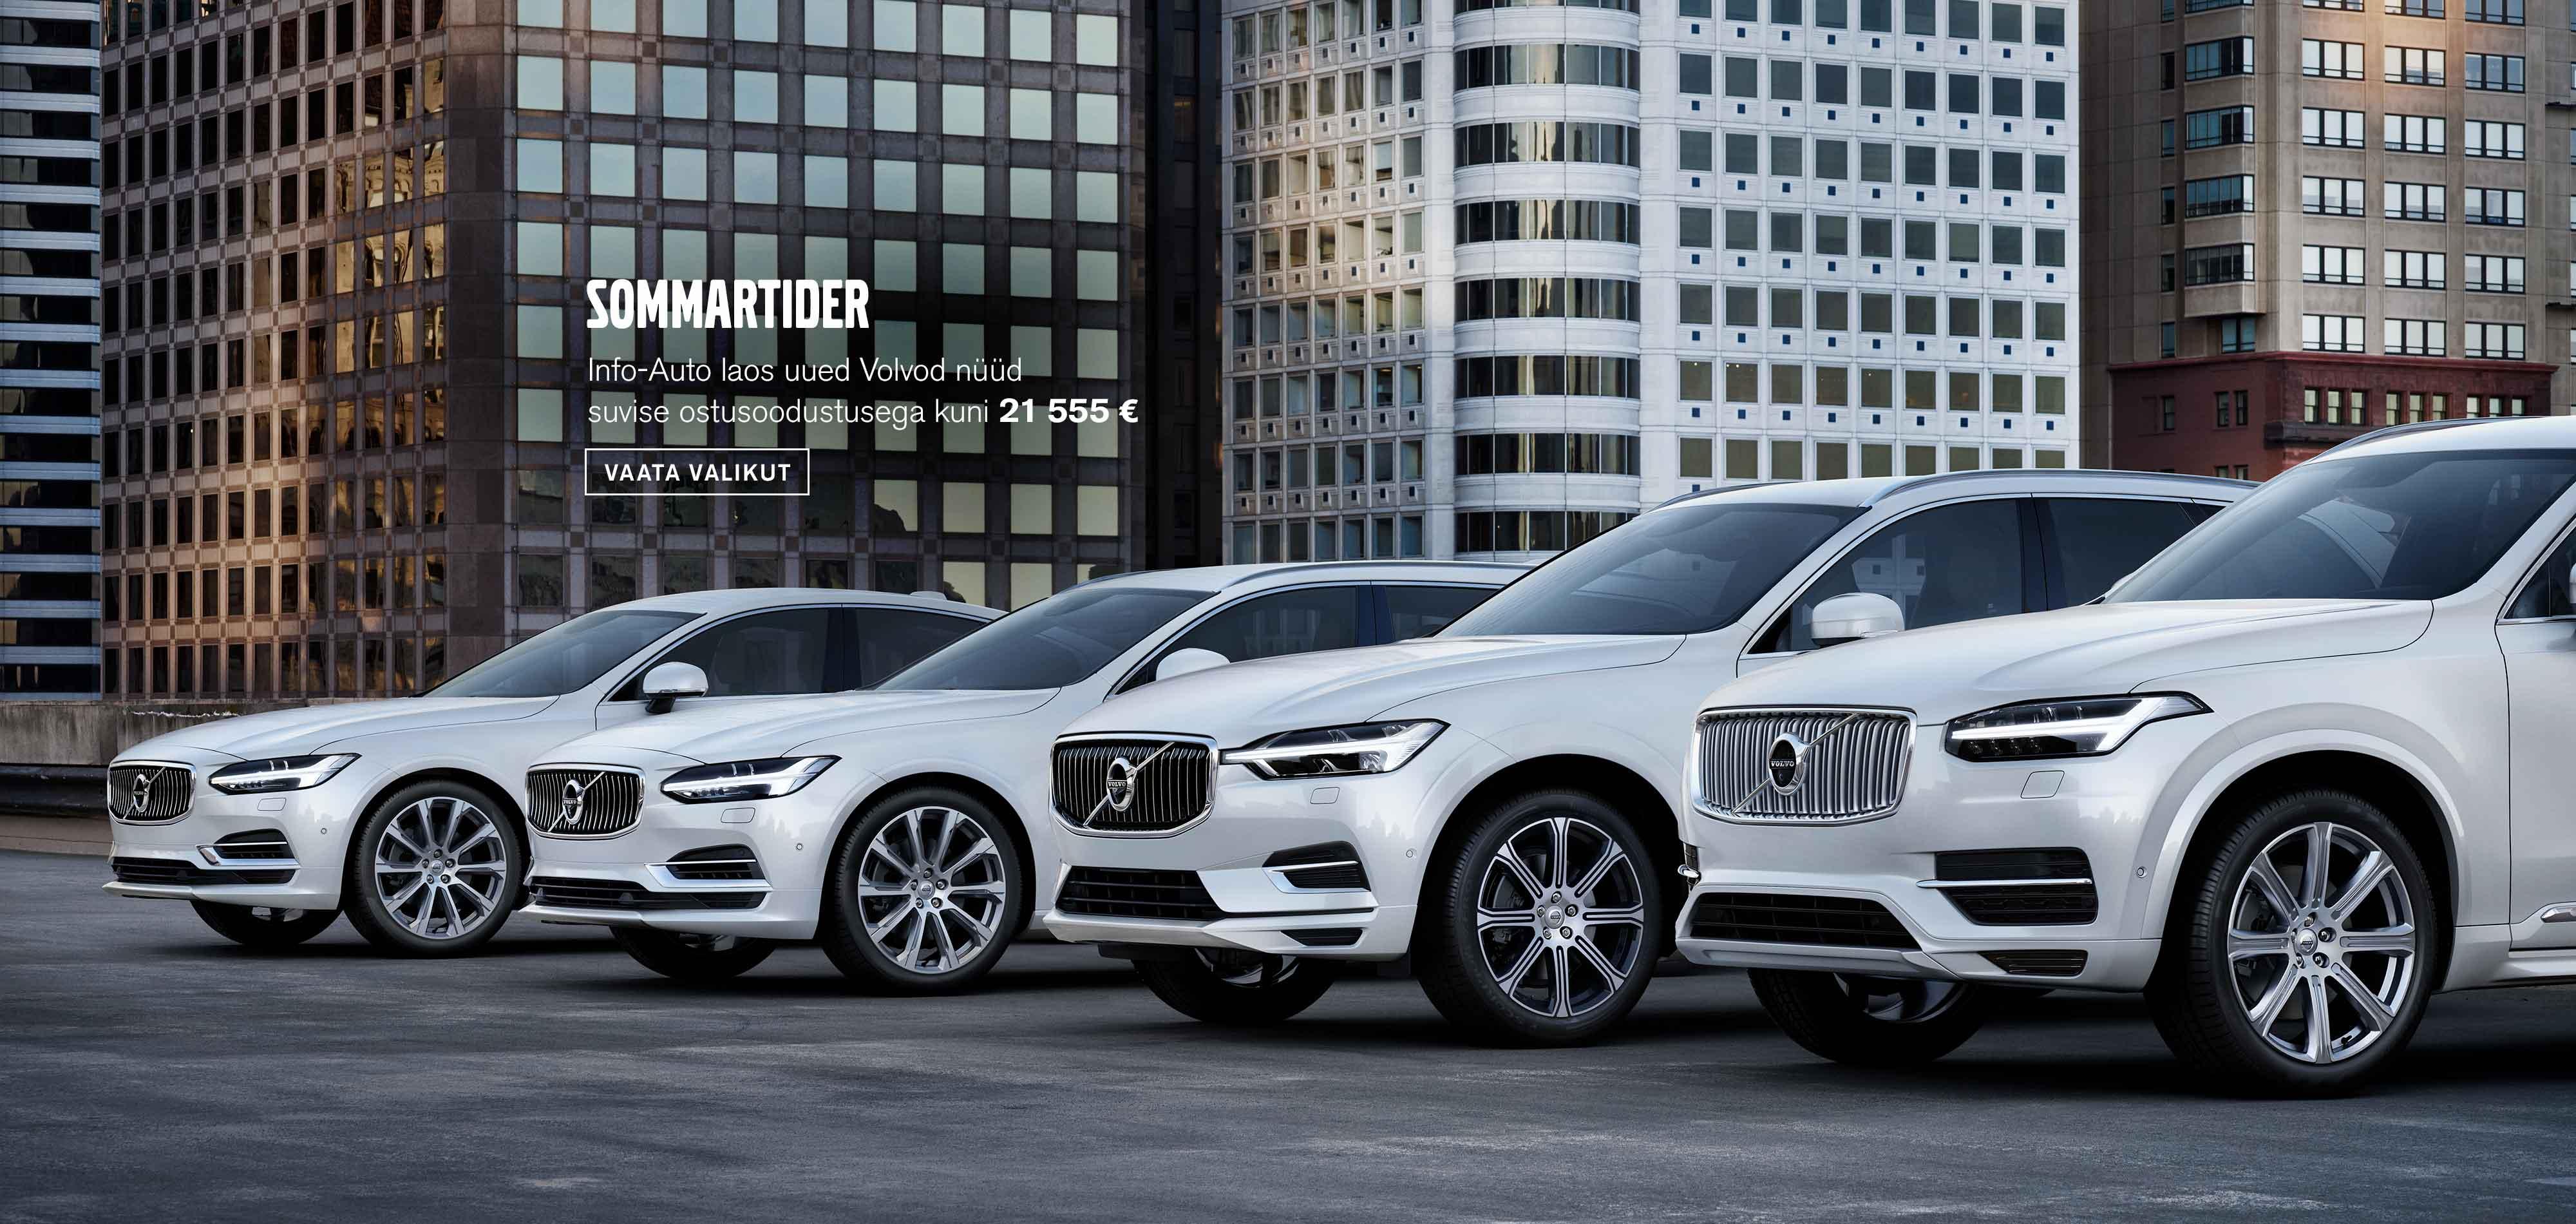 Sommartider - Volvo laoautod